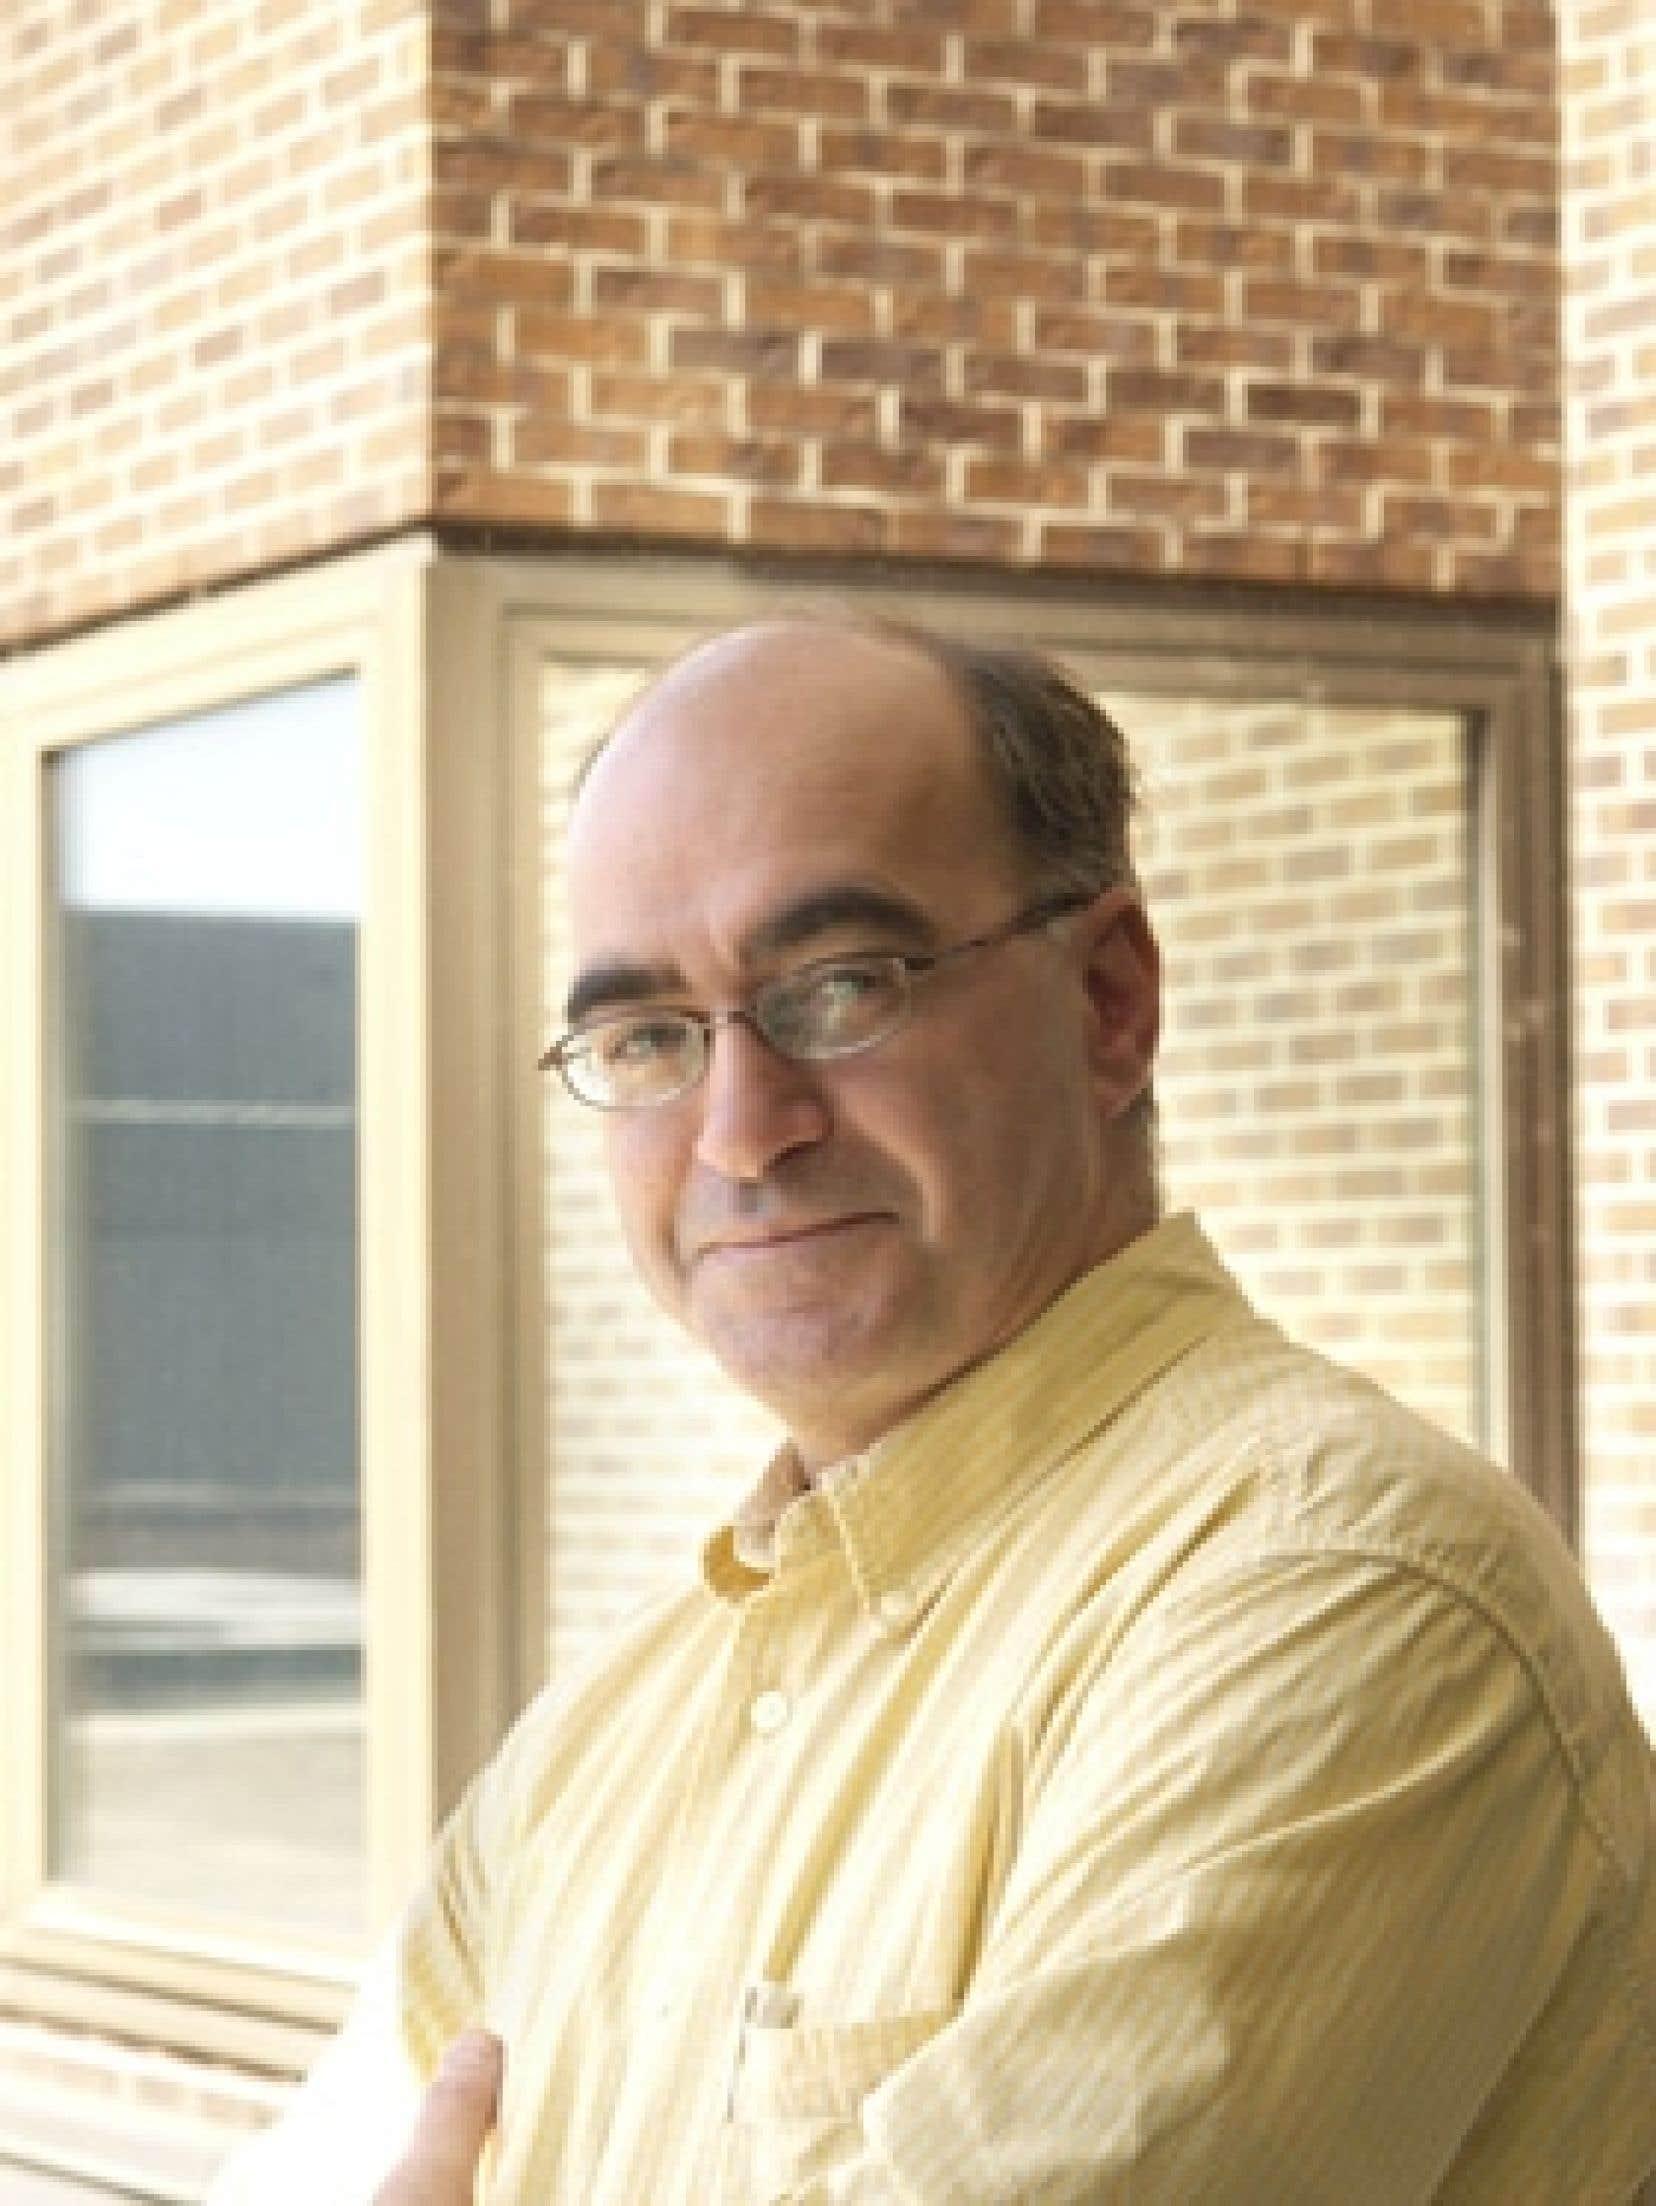 Professeur de science politique à l'Université du Québec à Montréal, Alain G. Gagnon souhaiterait un Québec autonome, comme peuvent l'être le pays de Galles et l'Écosse au sein du Royaume-Uni.